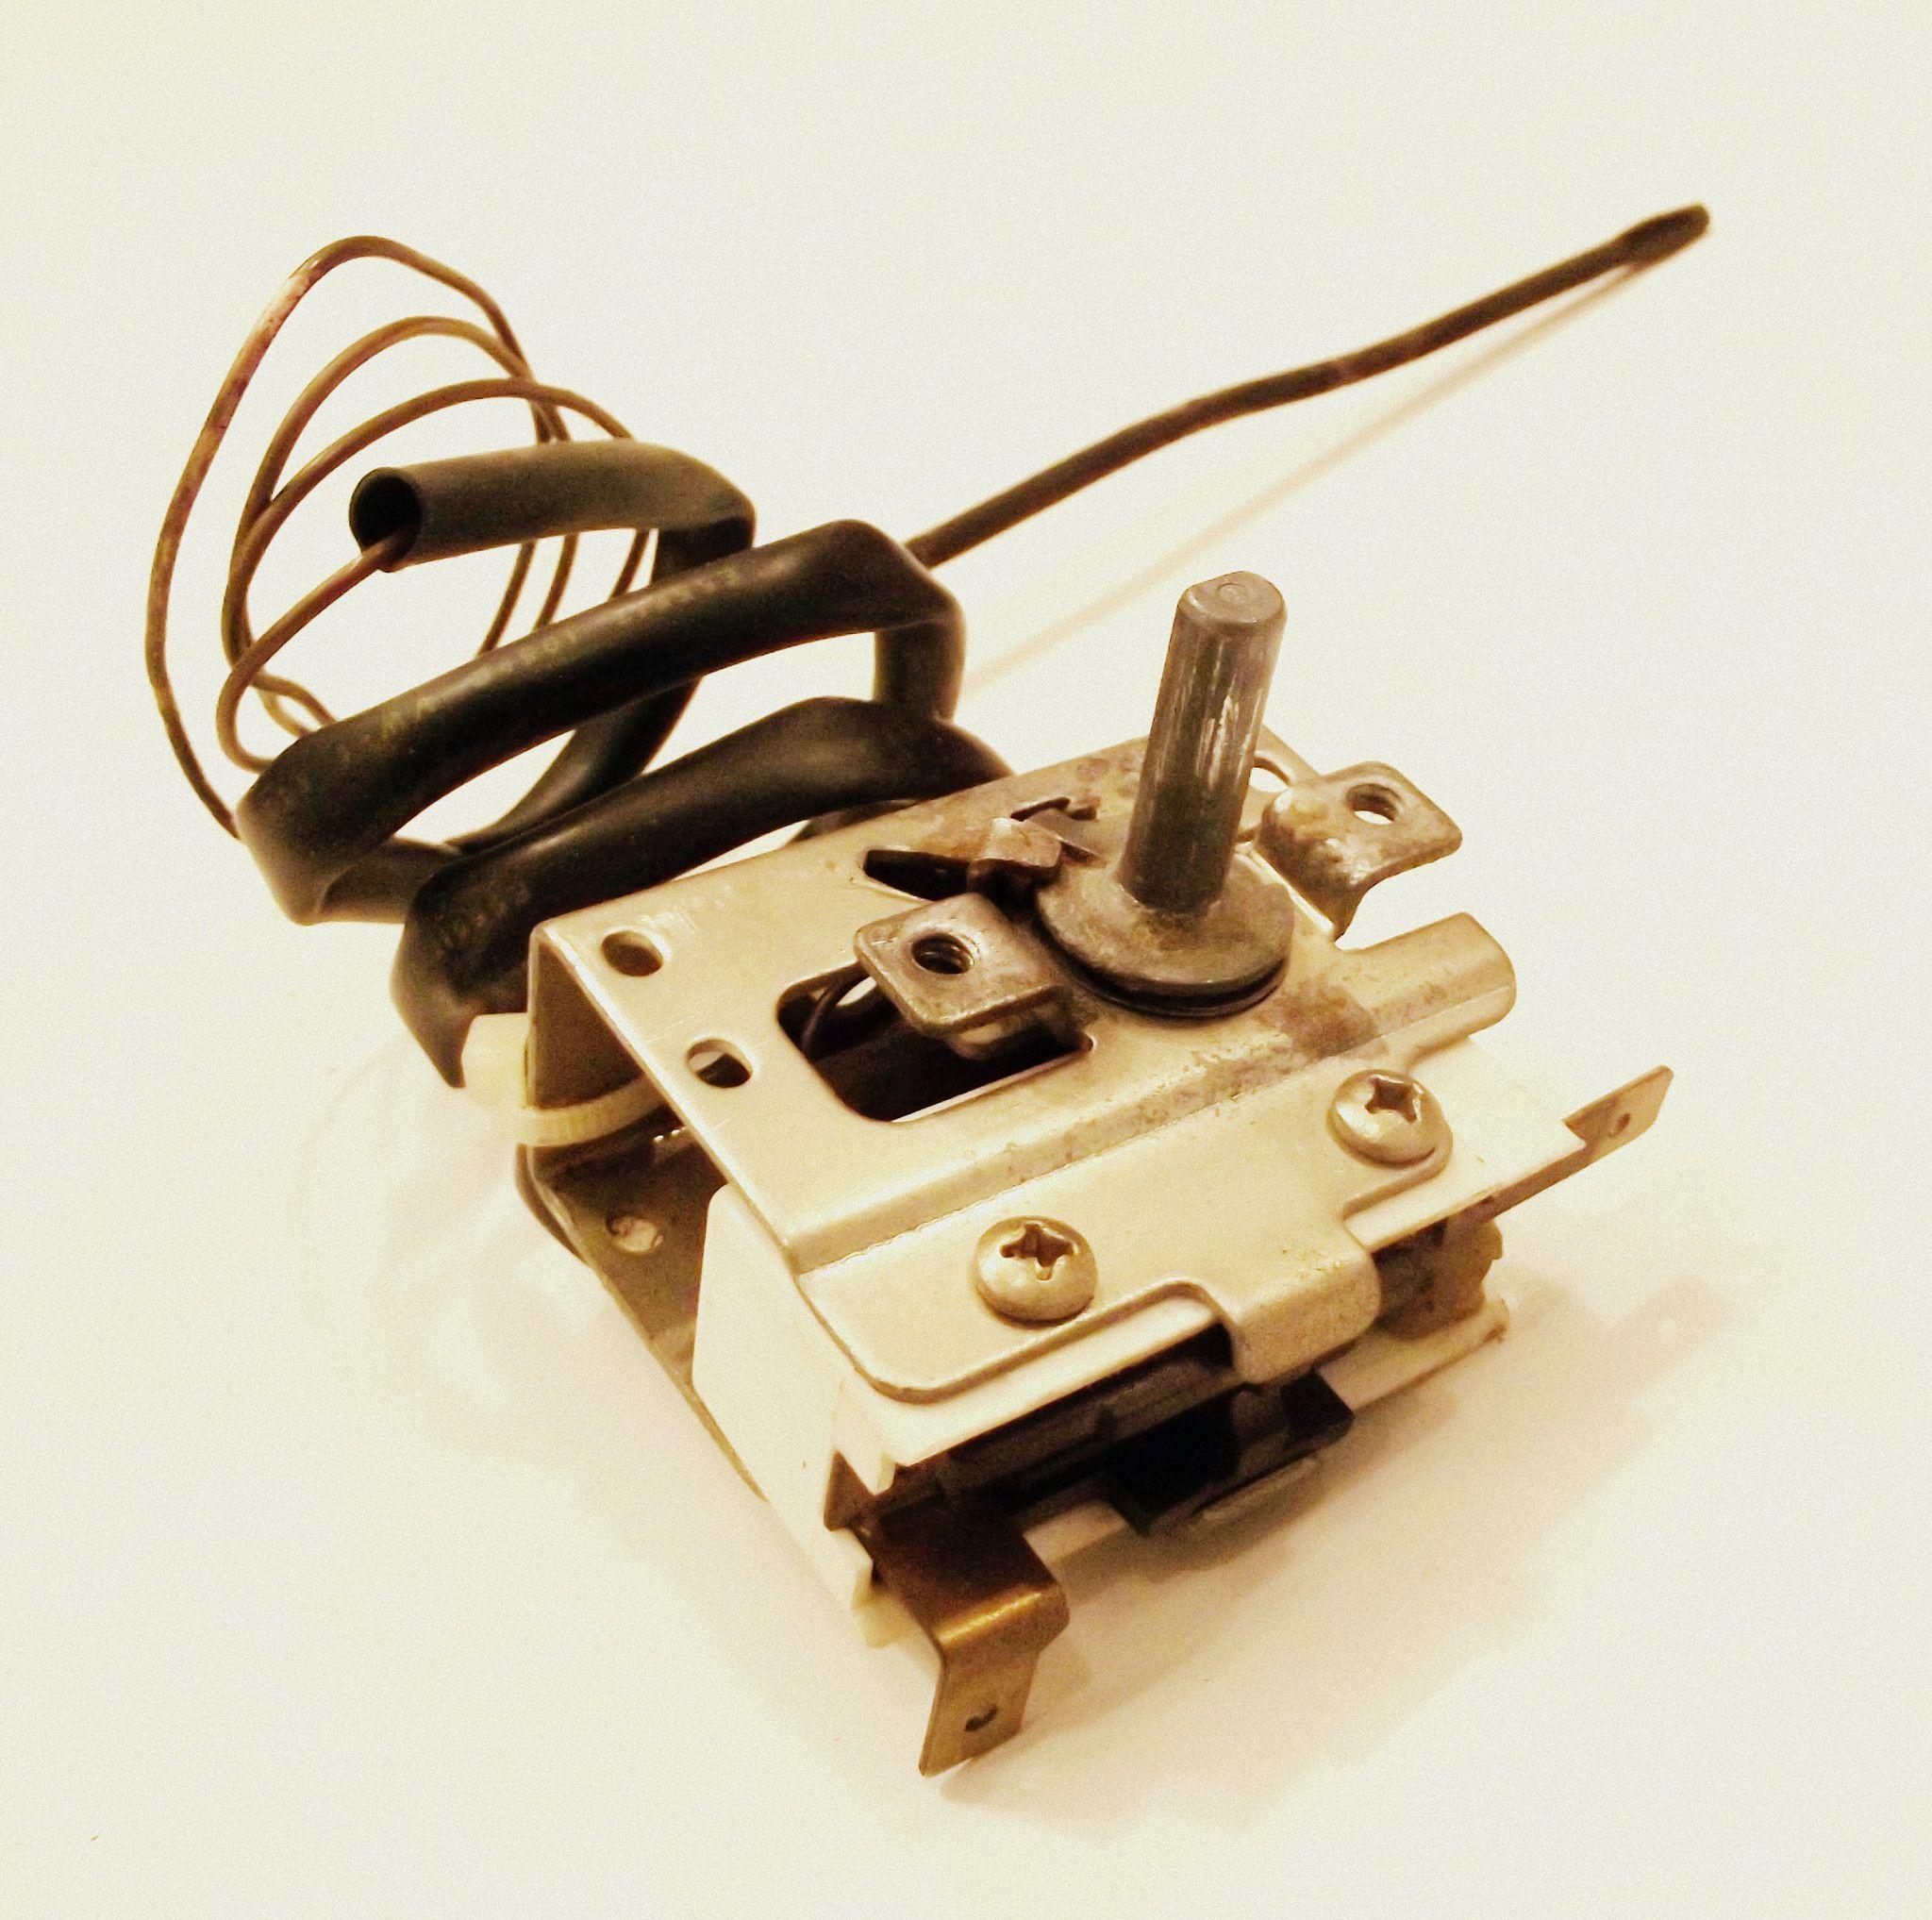 7404P087-60 7404P084-60 Magic Chef Range Oven Temperature Thermostat Control Switch